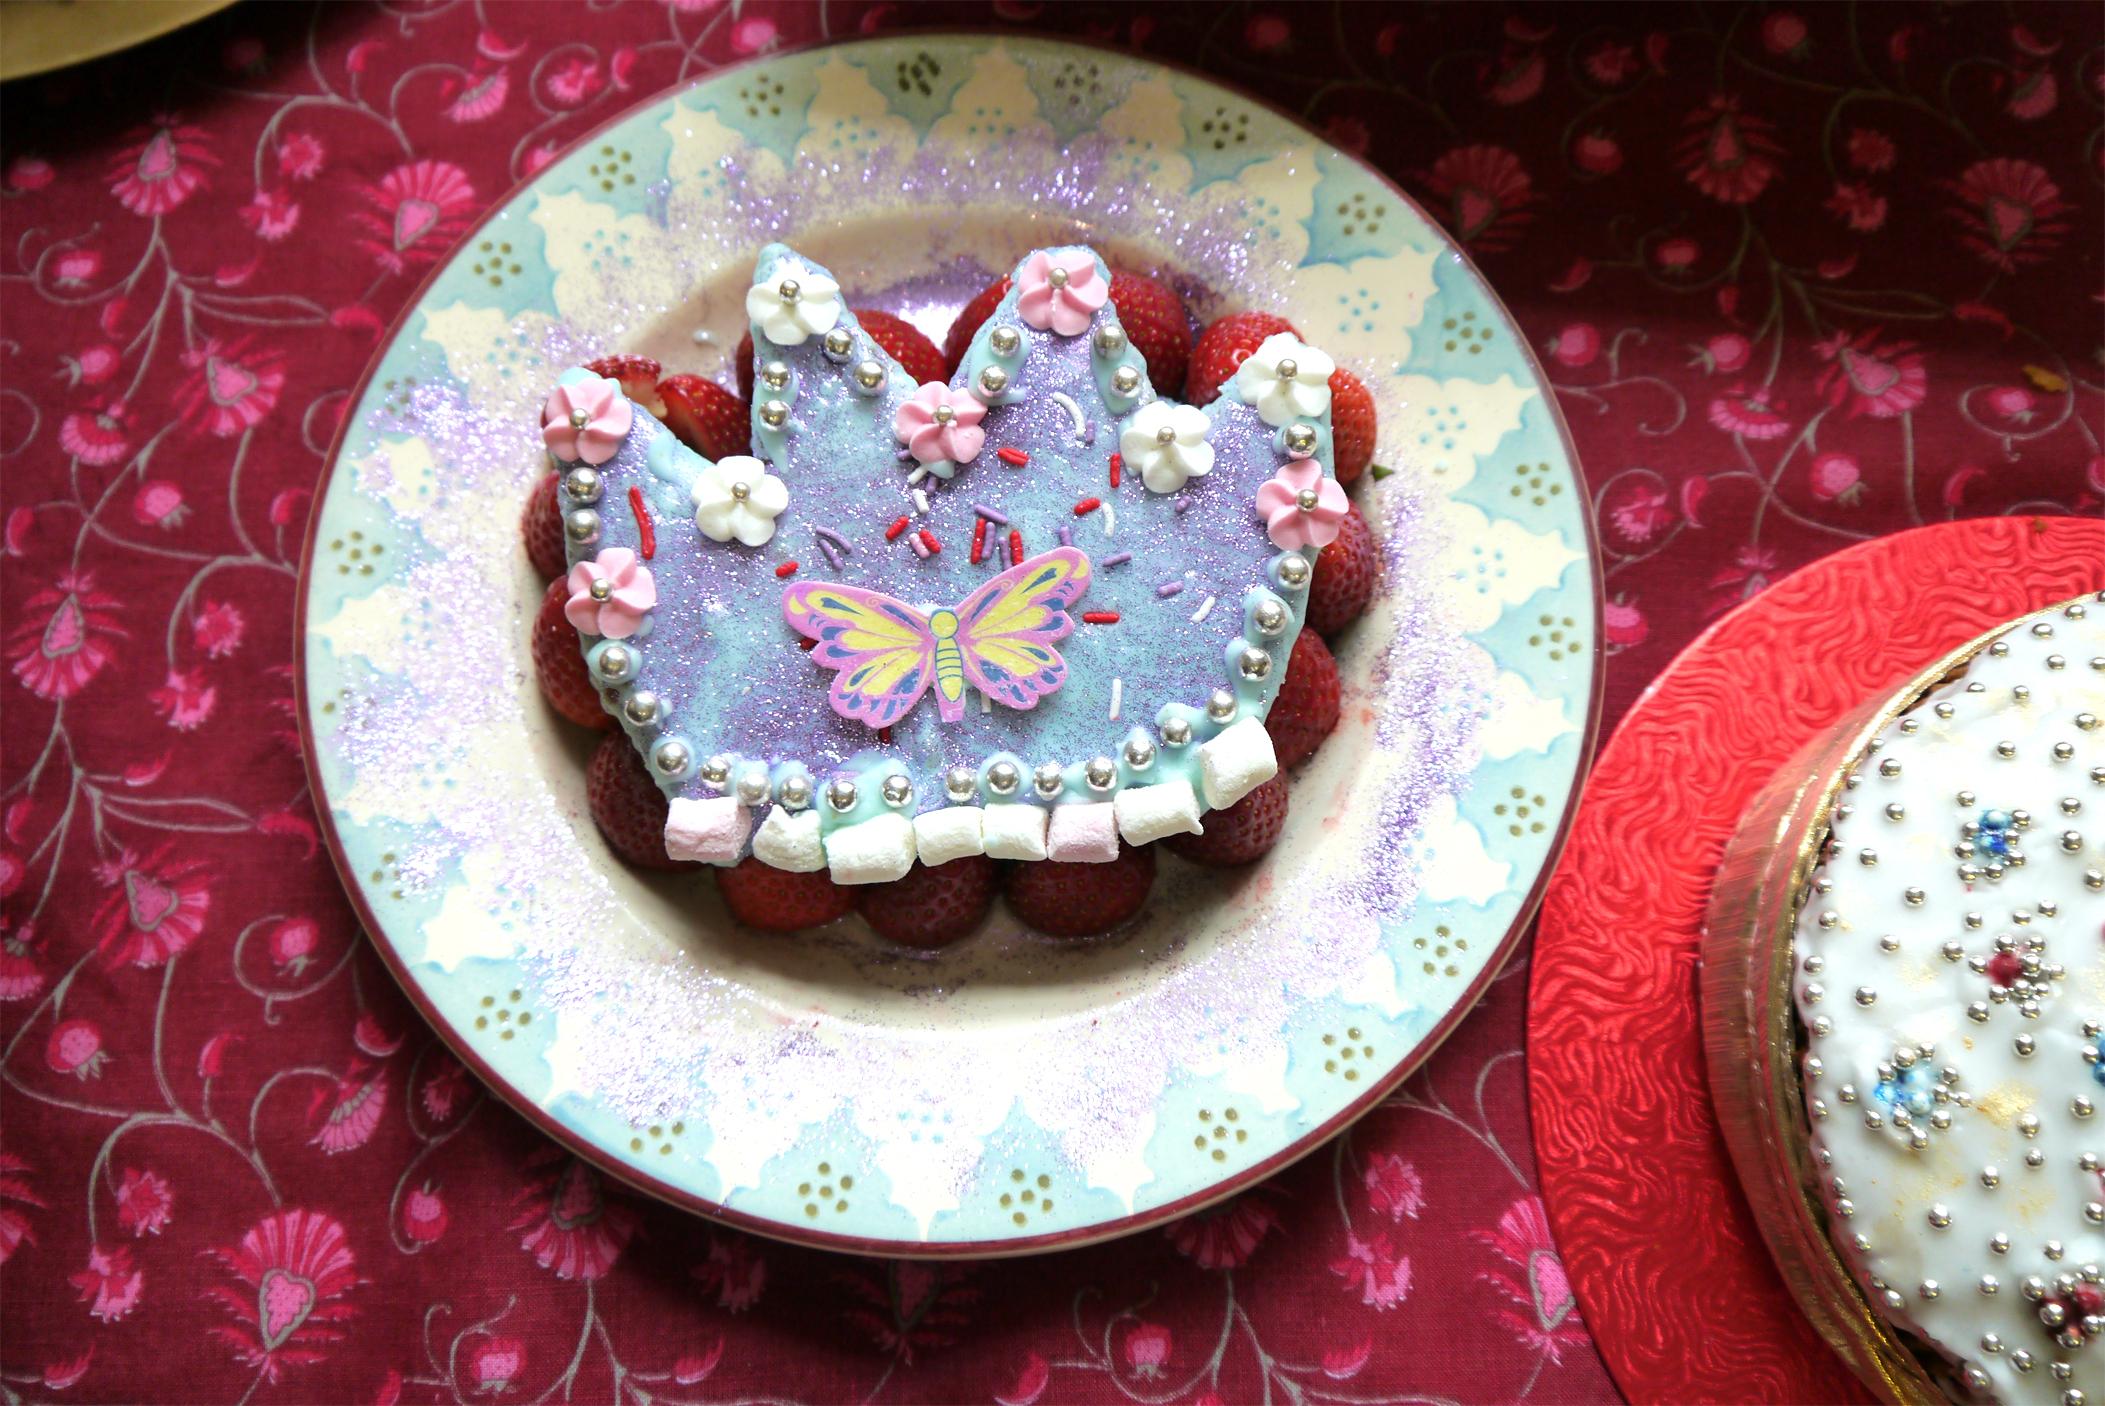 Marthas' cake